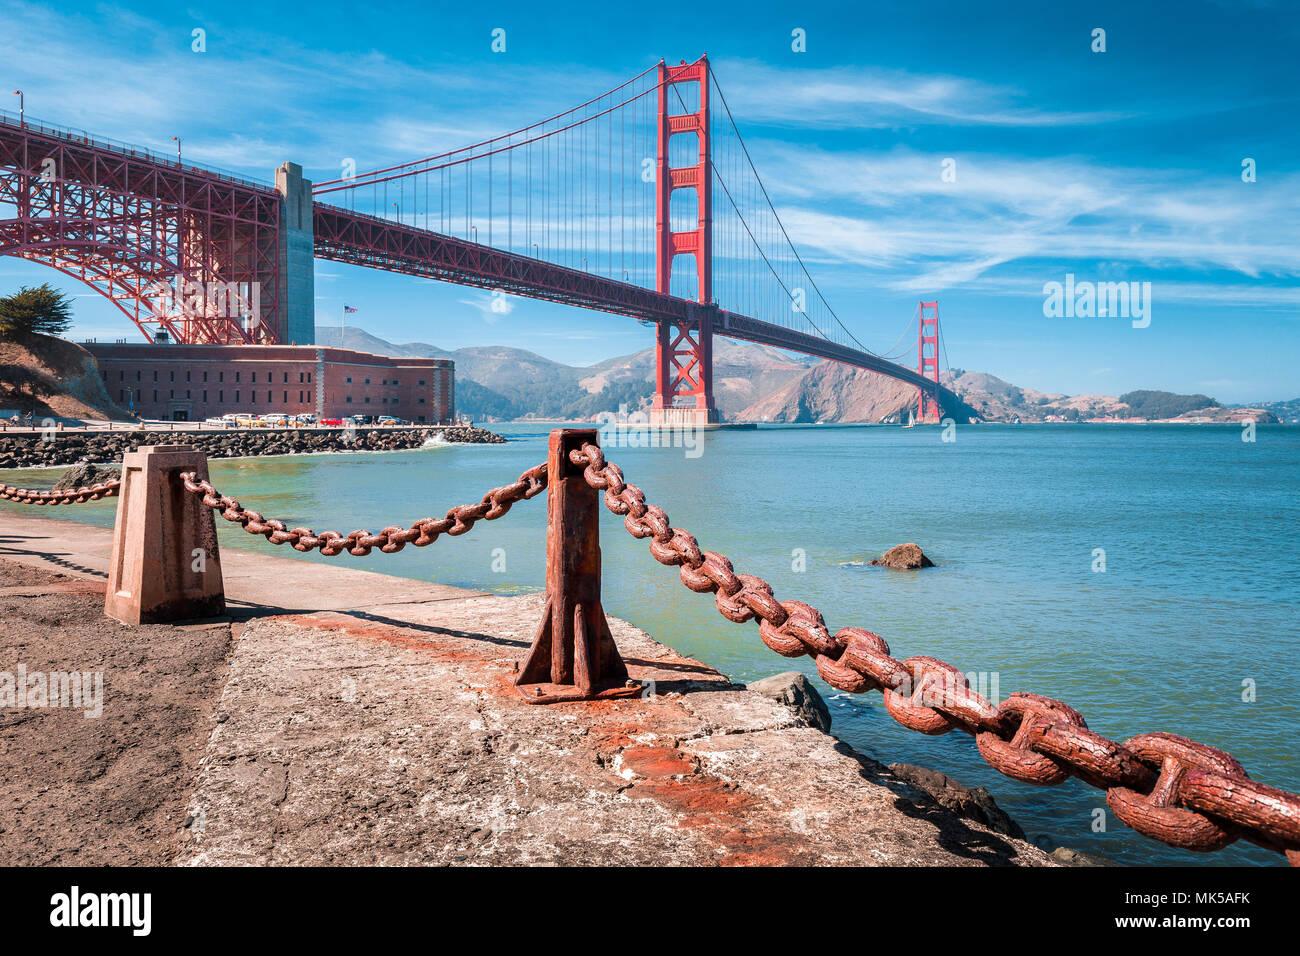 Vista clásica del famoso puente Golden Gate con punto de Fort National Historic Site en un hermoso día soleado con el cielo azul y las nubes, San Francisco, EE.UU. Imagen De Stock